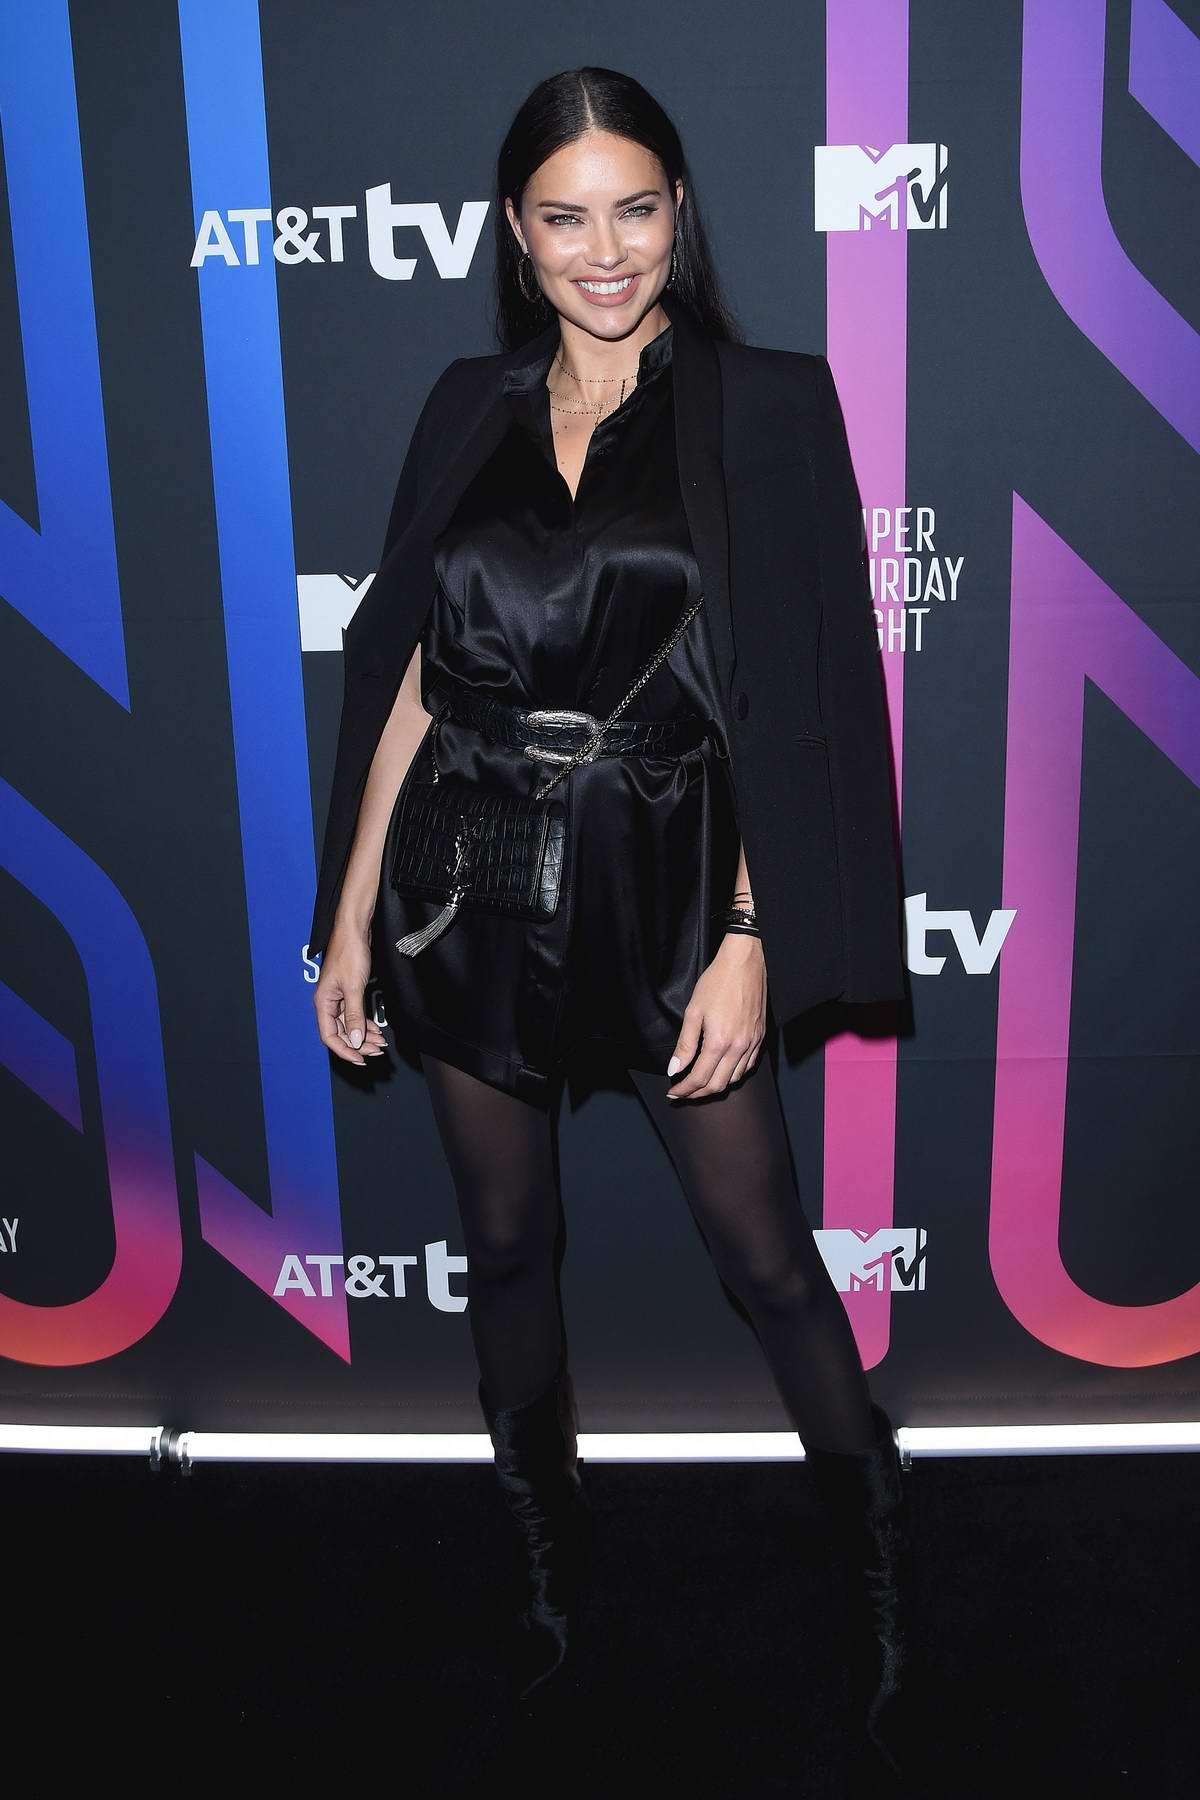 Adriana Lima attends the AT&T TV Super Saturday Night in Miami, Florida